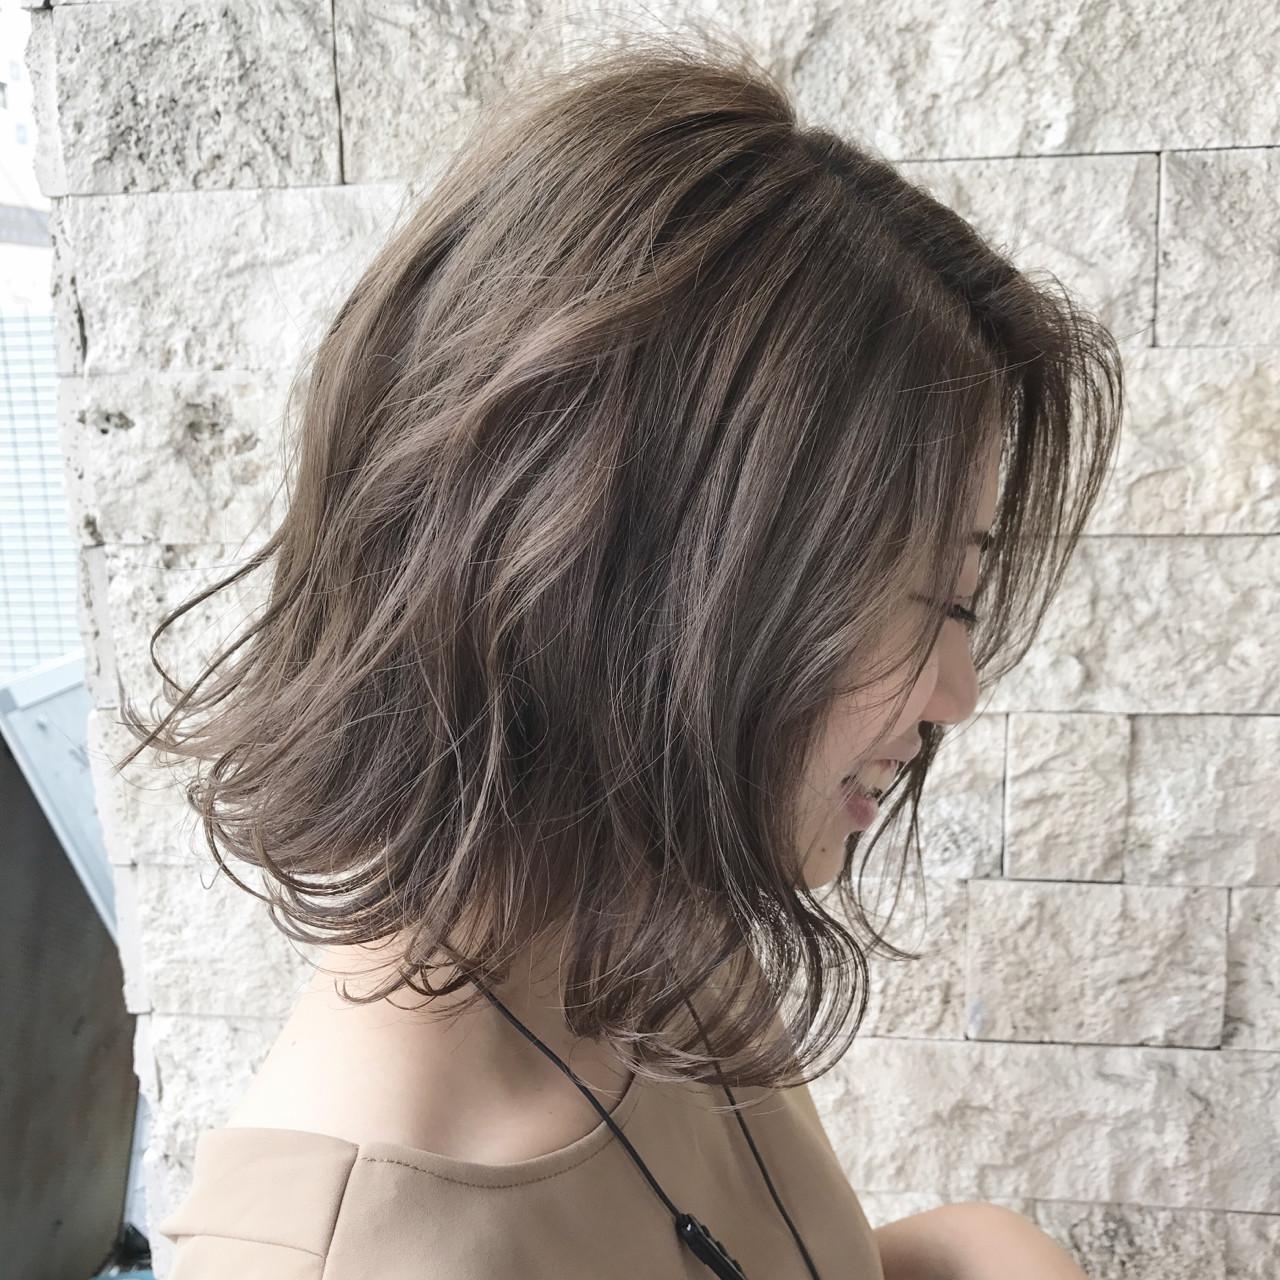 ナチュラル アッシュ 大人女子 こなれ感 ヘアスタイルや髪型の写真・画像 | 永尾 拓也 / unopulir 南森町店 (ウノプリール)